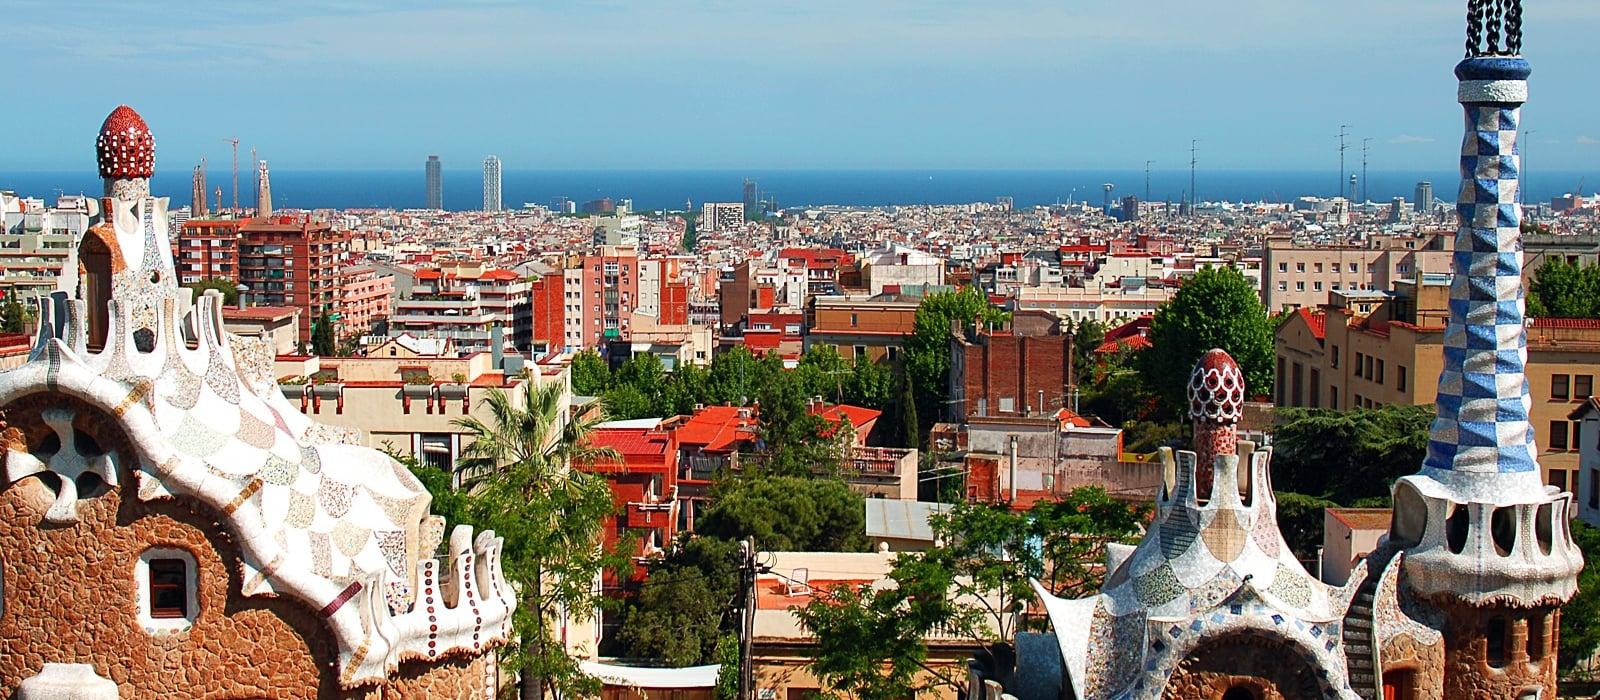 Vincci Hoteles. I migliori hotel di Barcellona